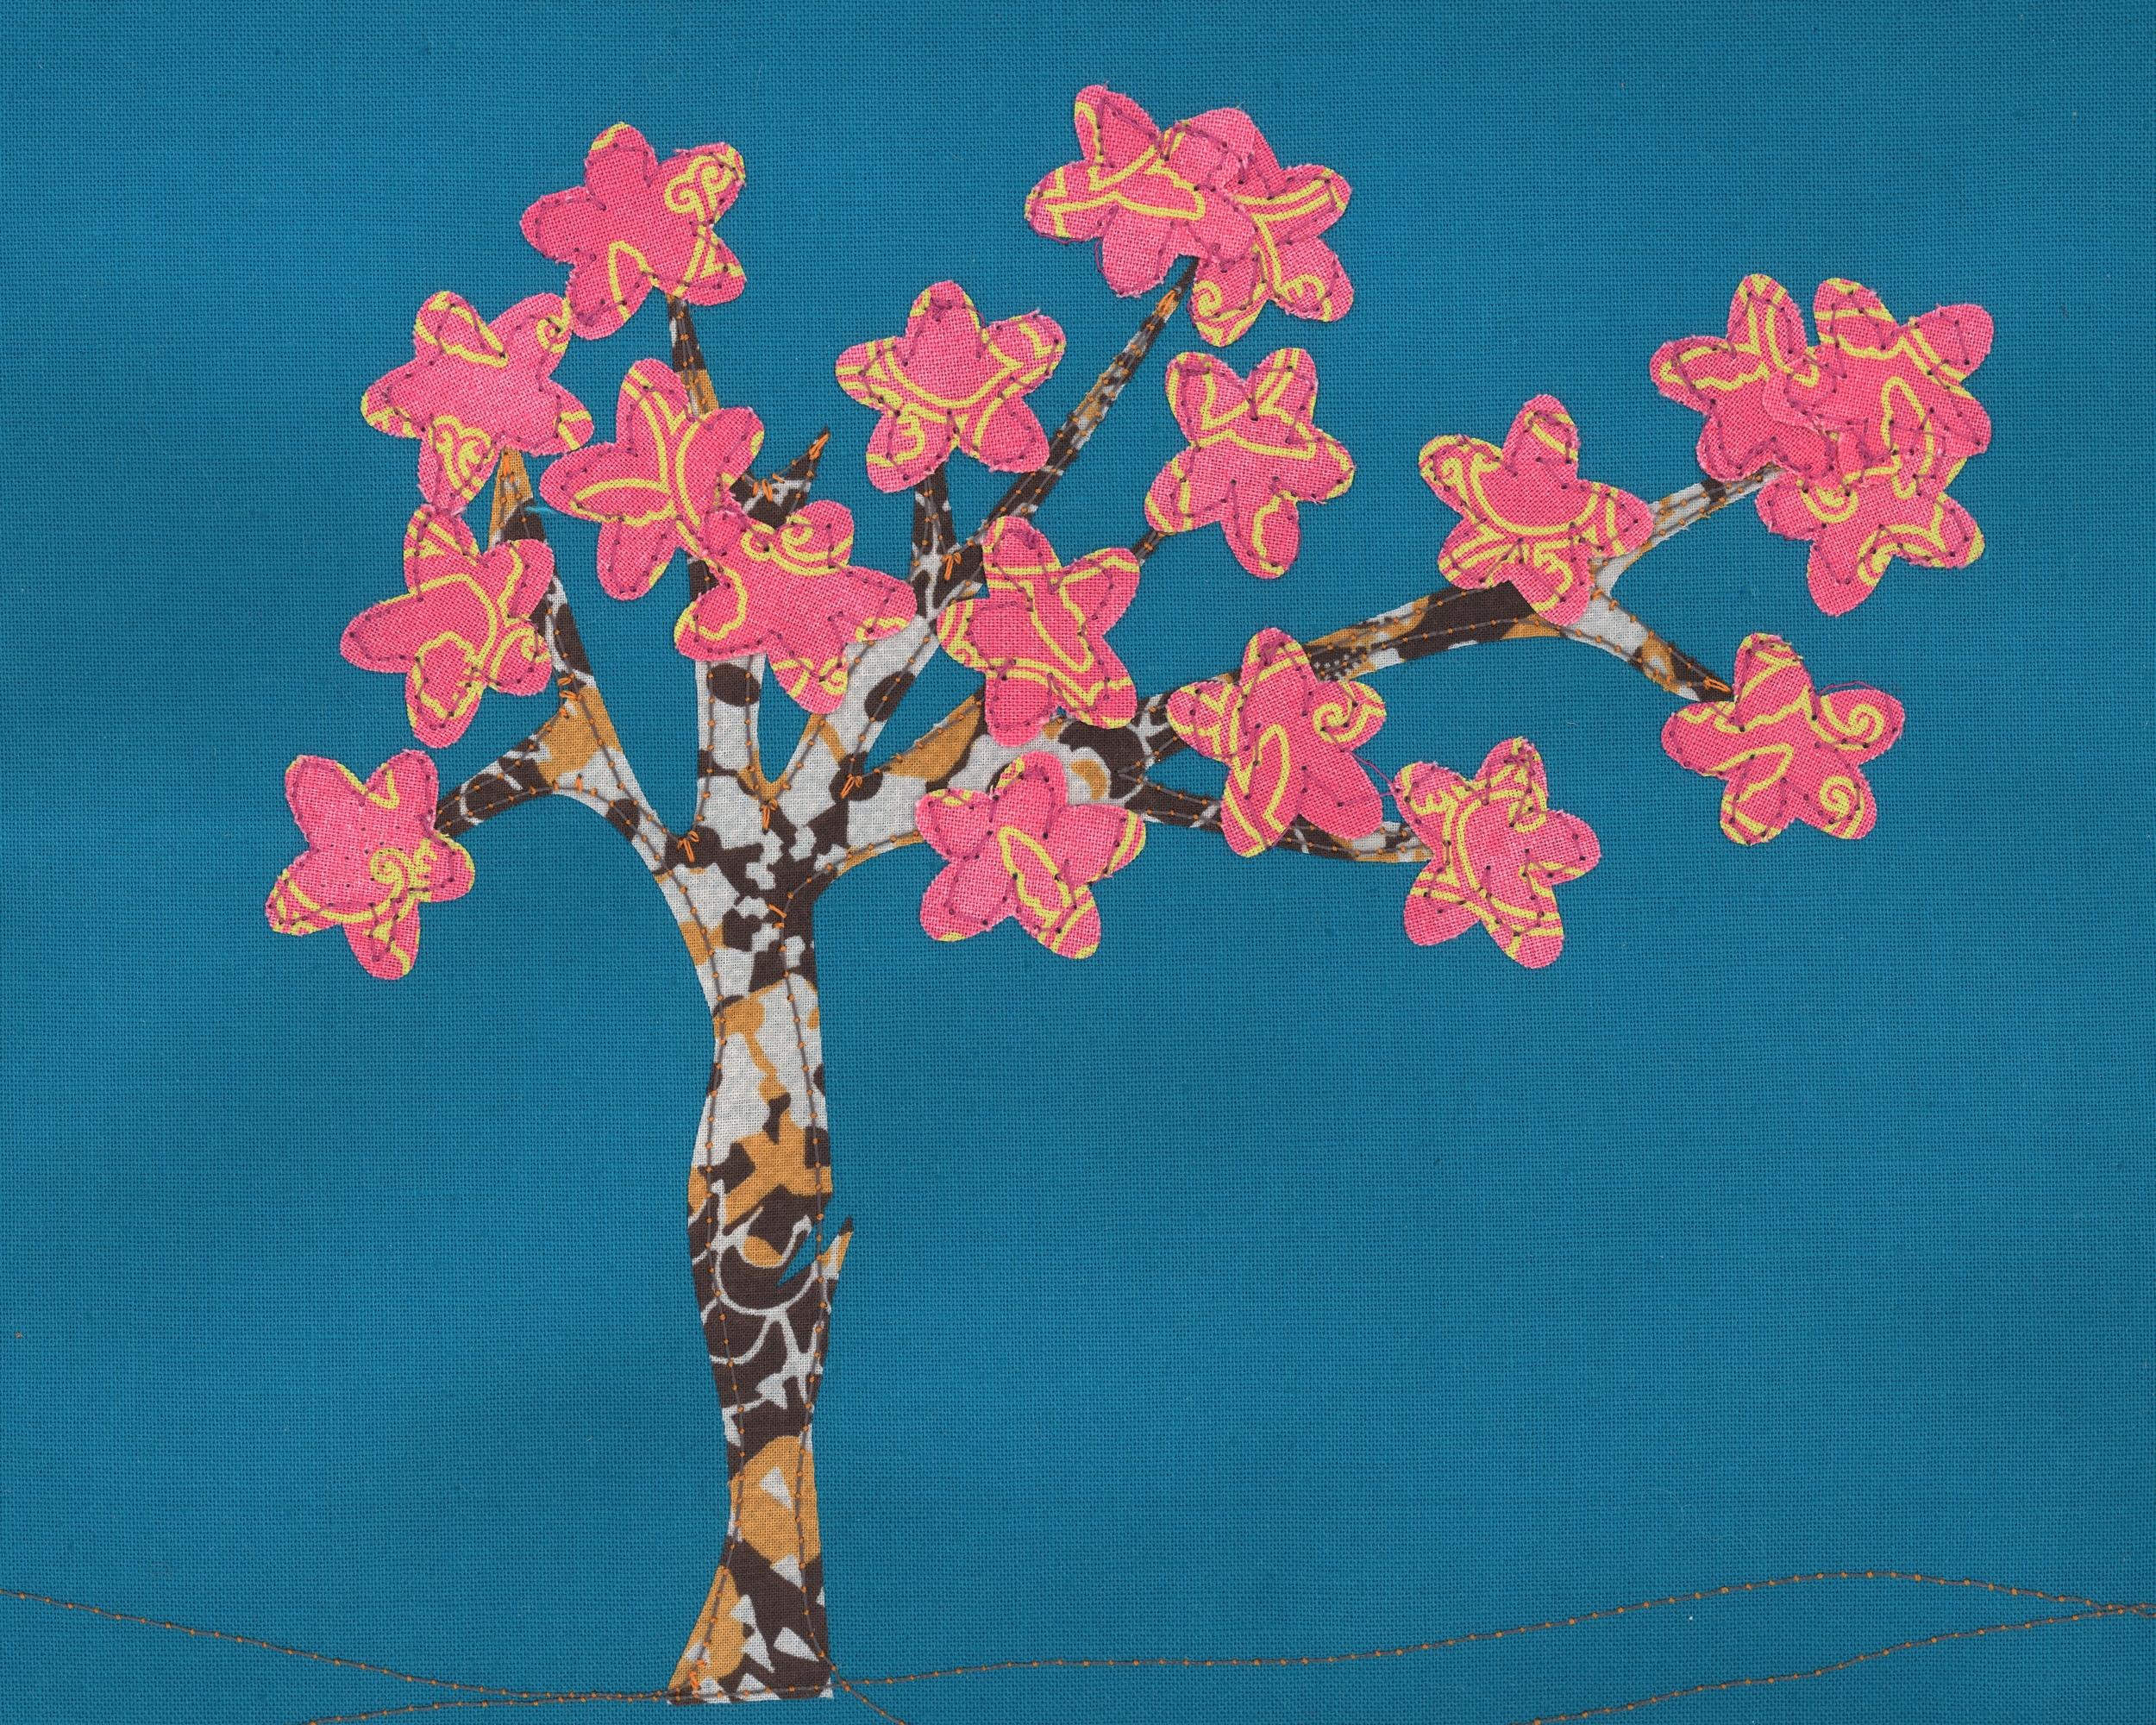 Cheery Cherry Blossom - £35 + p&p